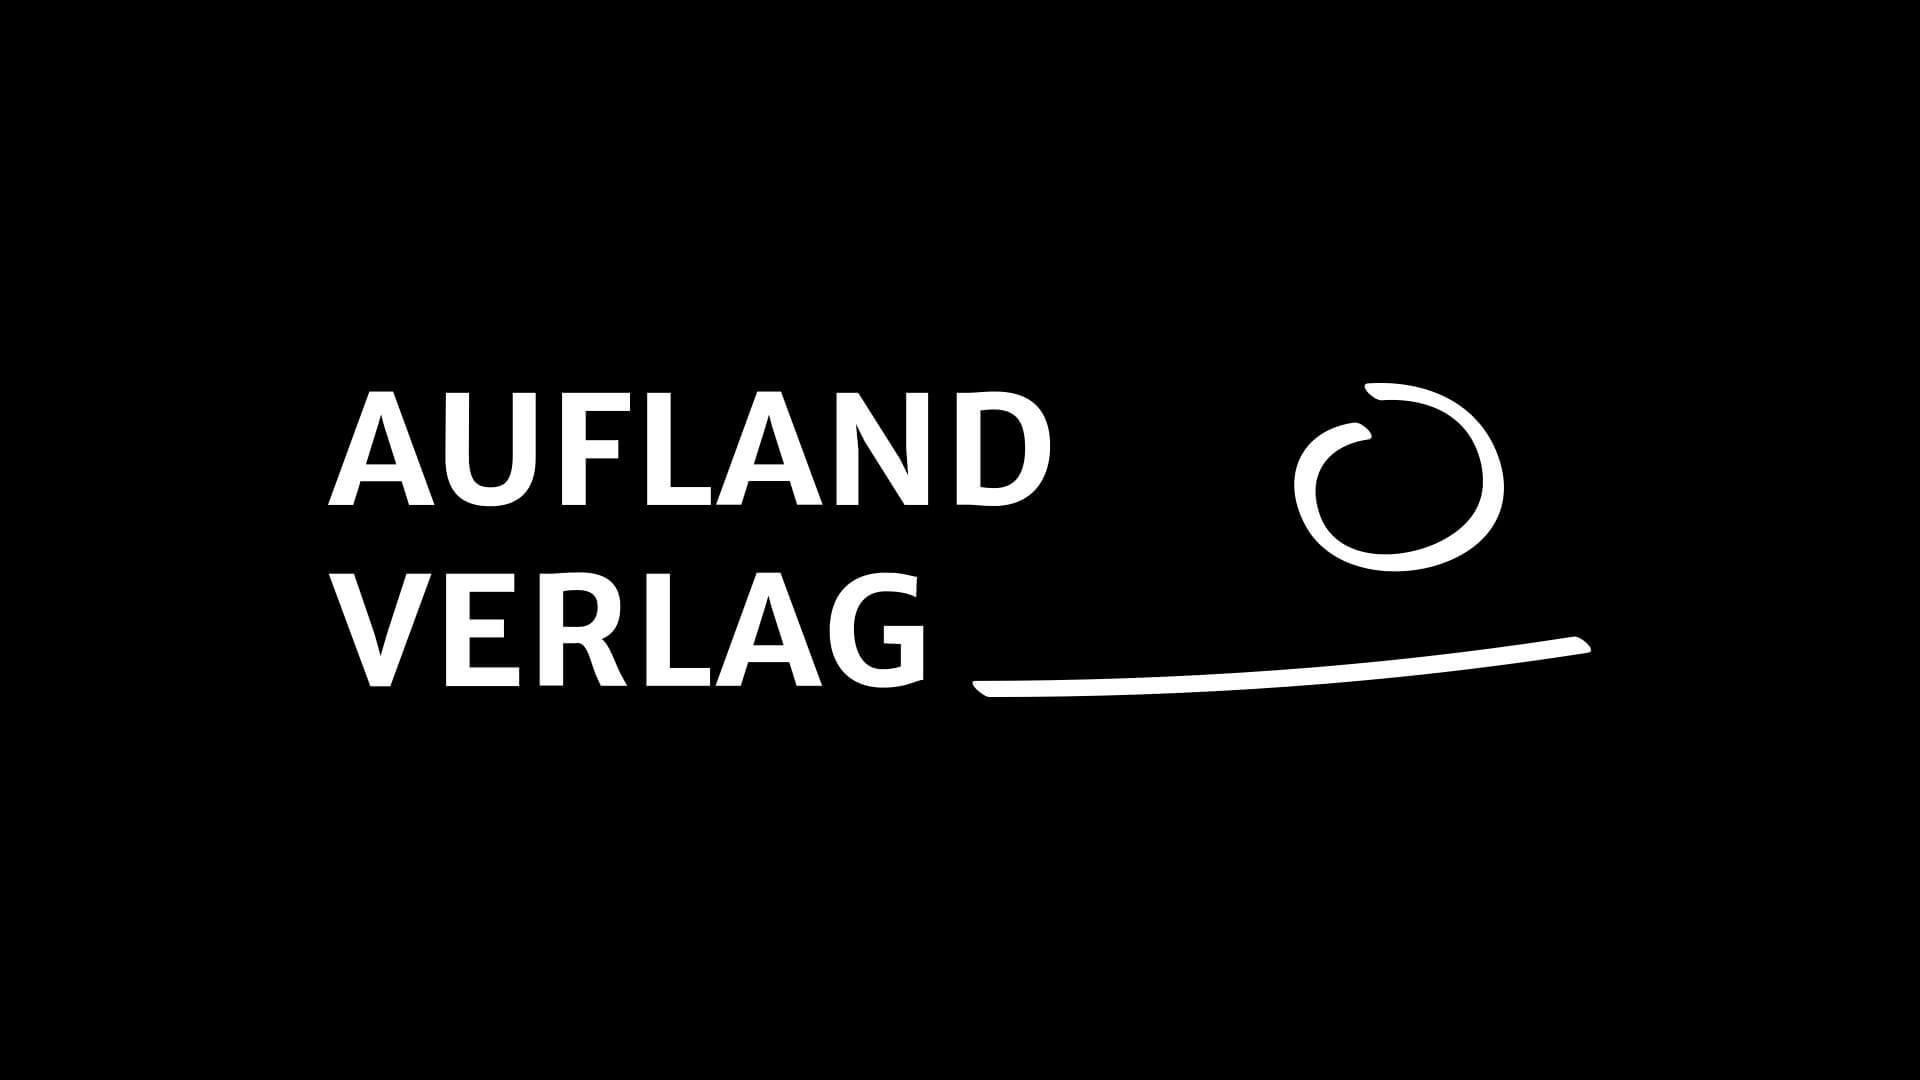 Denken & Handeln, Fine Heininger, Aufland Verlag, Logo, Redesign, Corporate Identity, Visuelle Identität, Grafik Design, Gestaltung